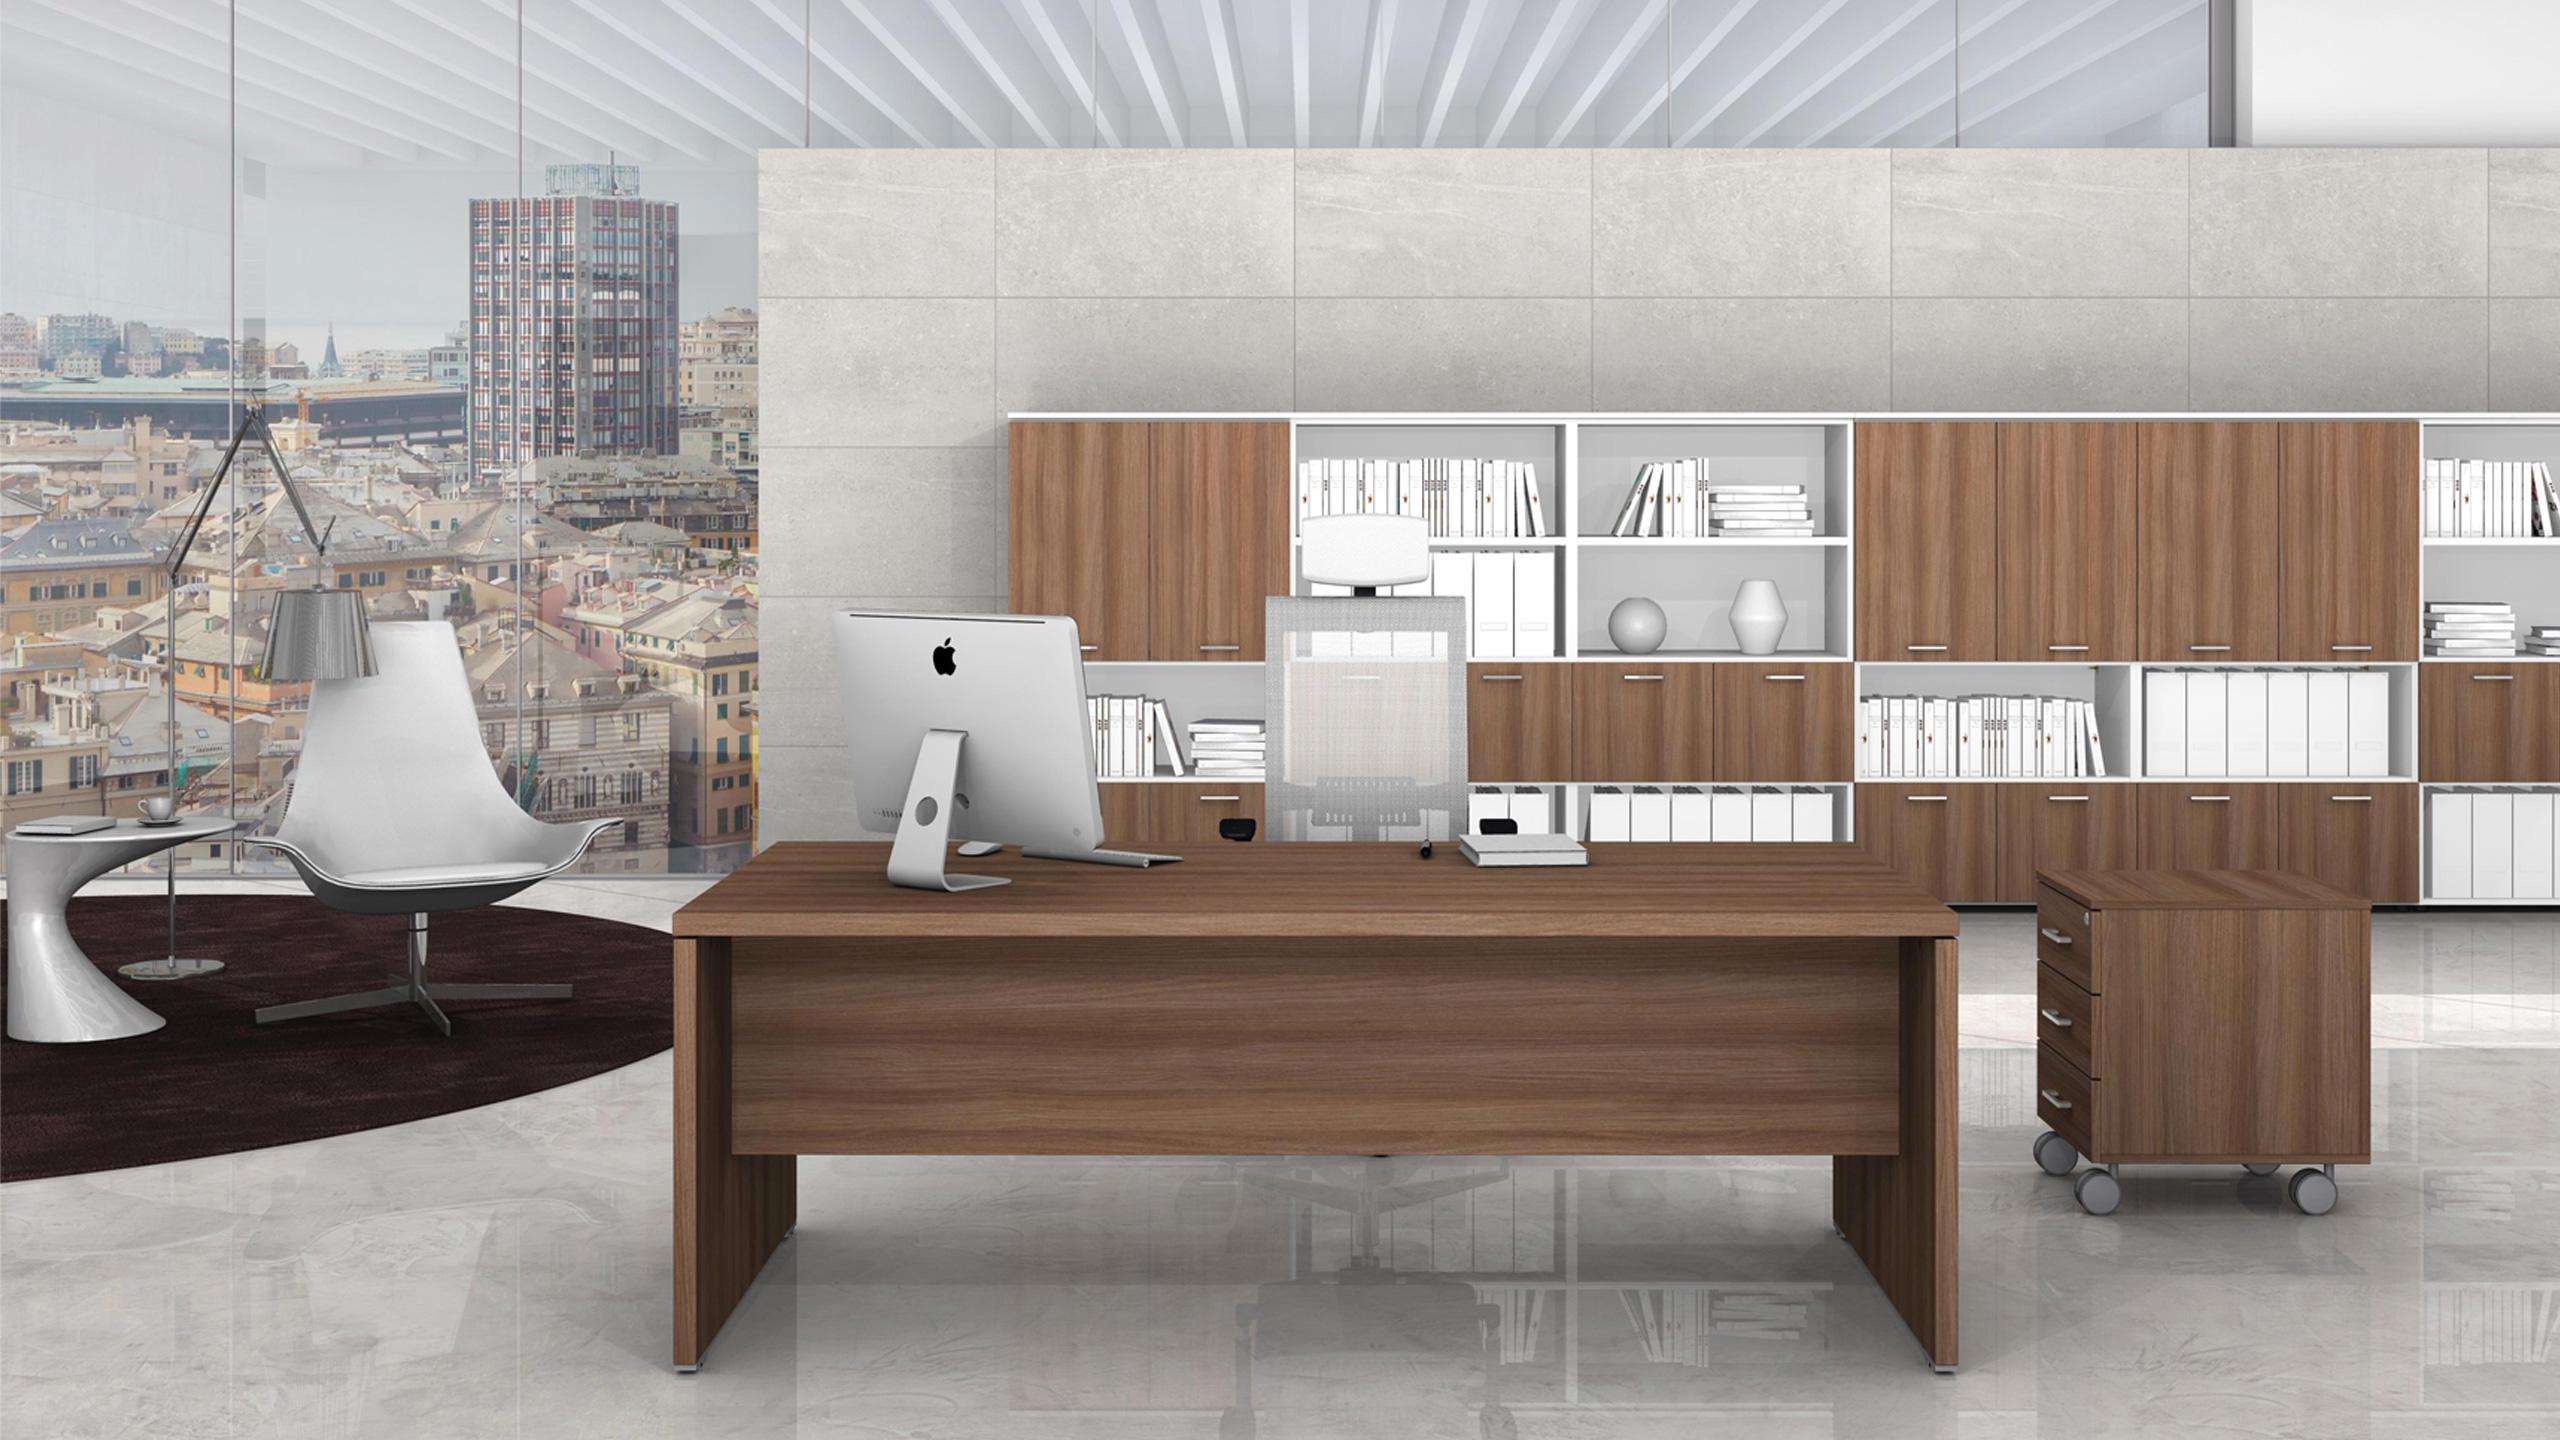 Mobili per ufficio rieti fumu for Aziende mobili per ufficio